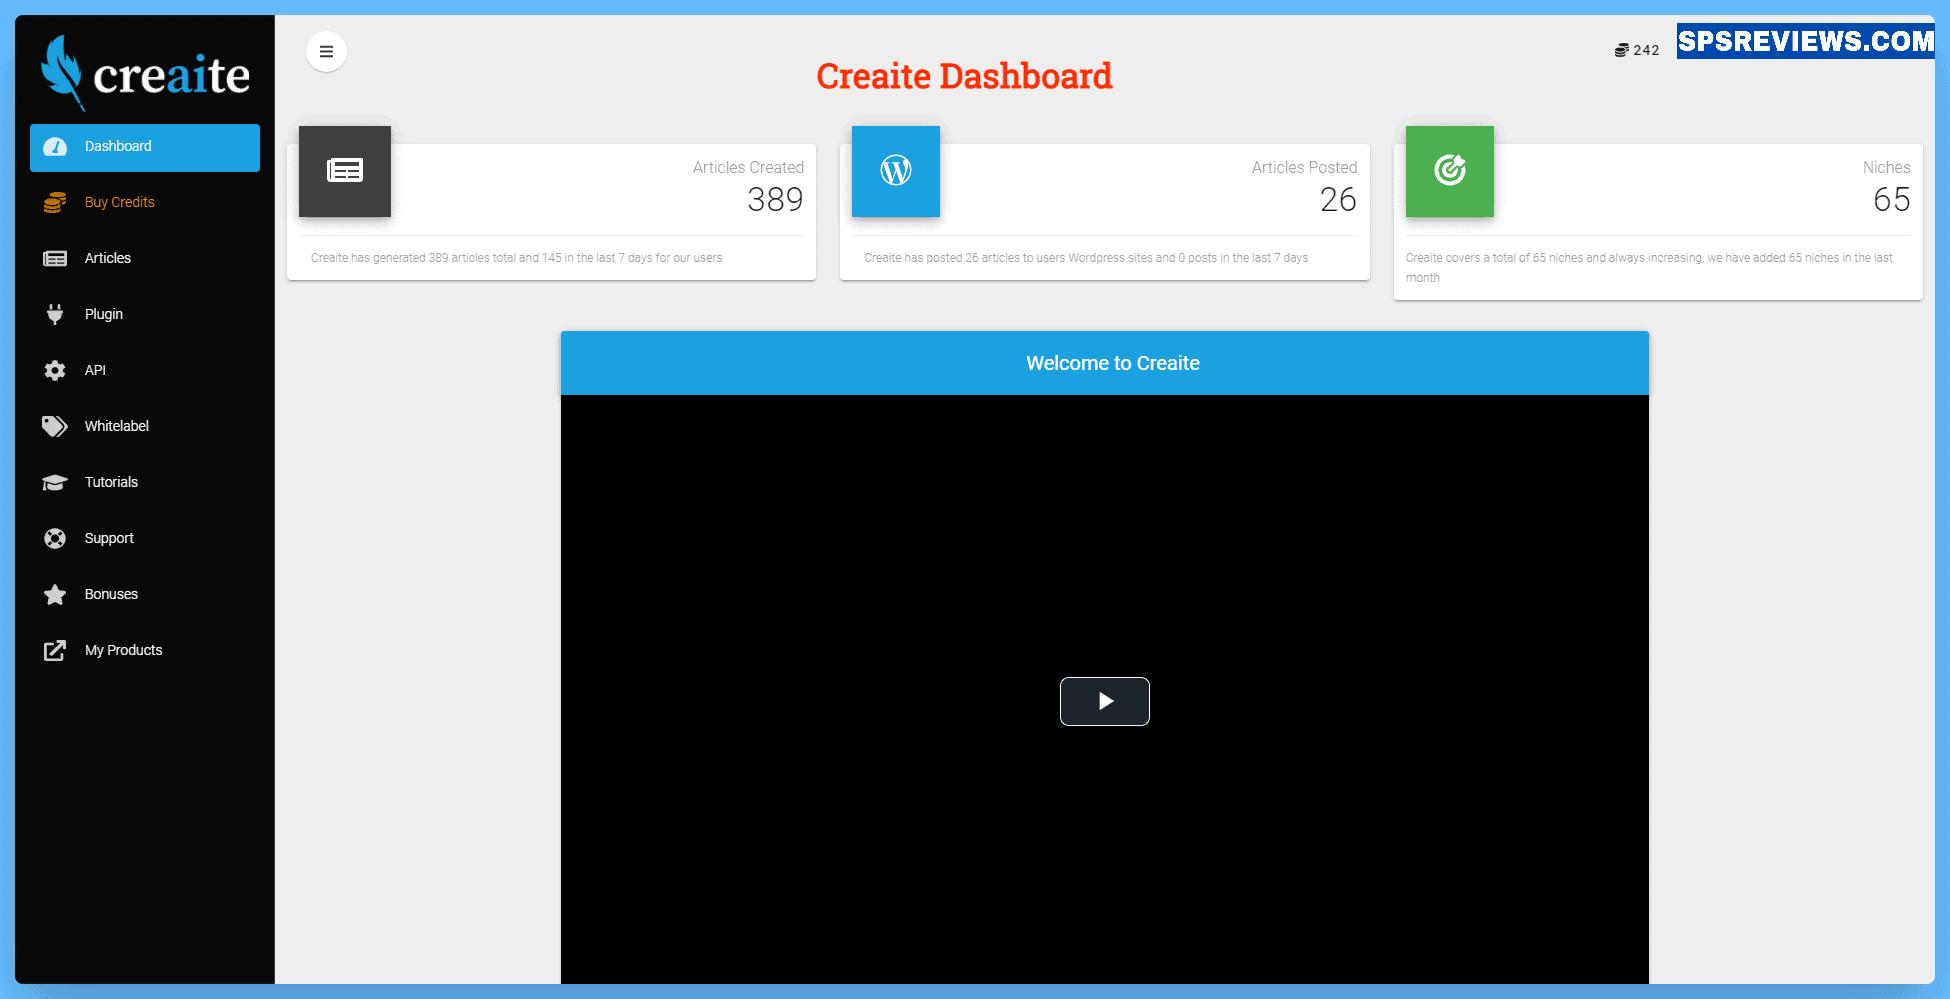 Creaite Review - Dashboard